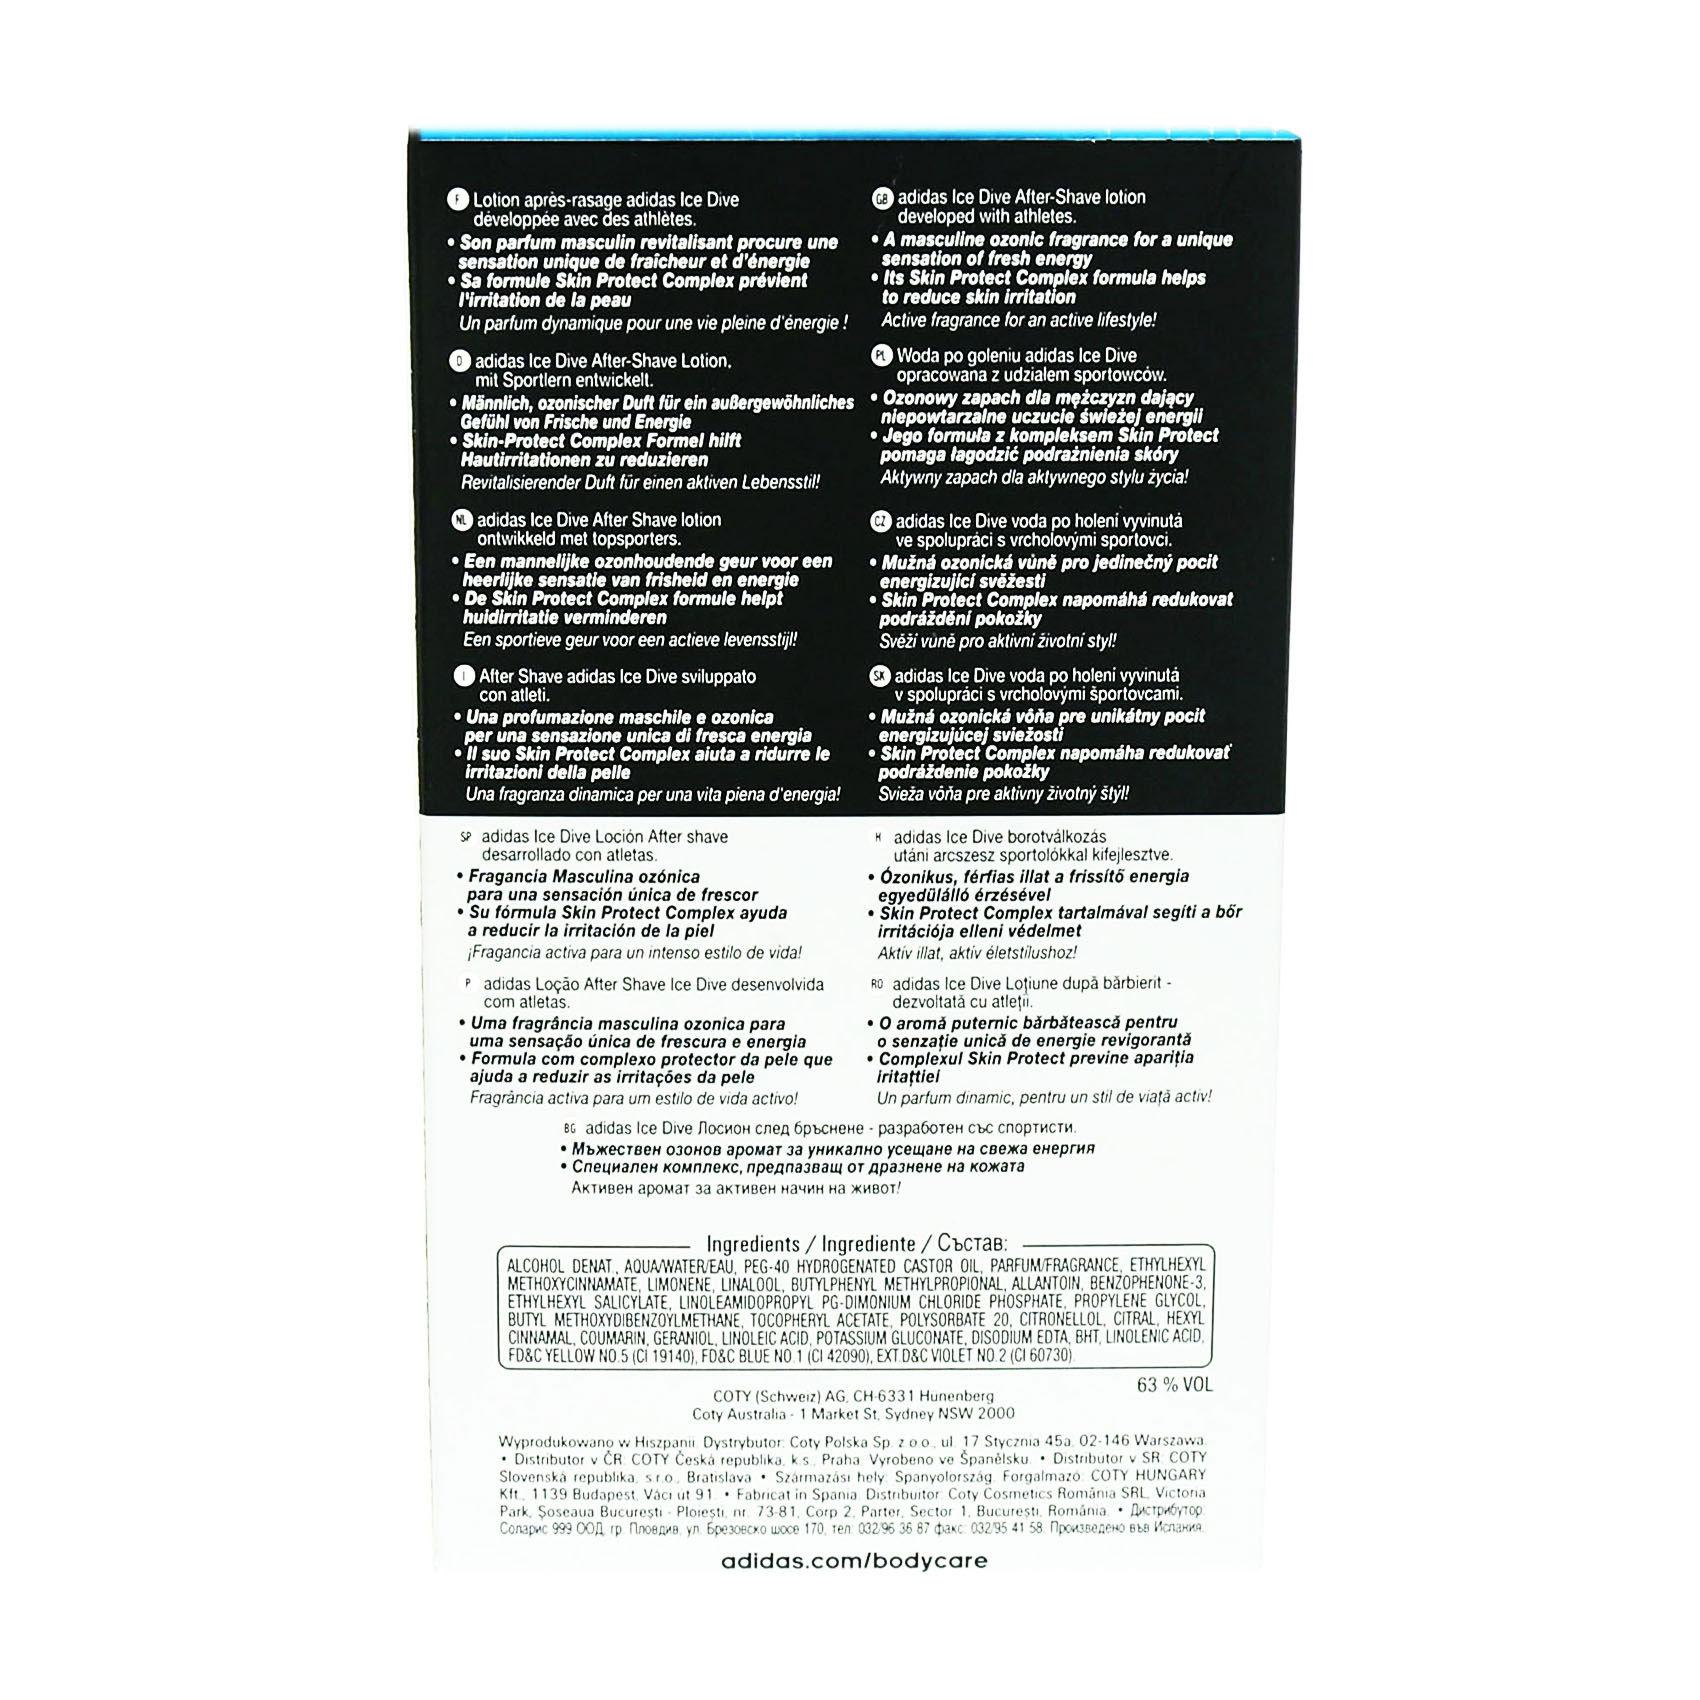 ADIDAS A/SHV ICE DIVE 100ML